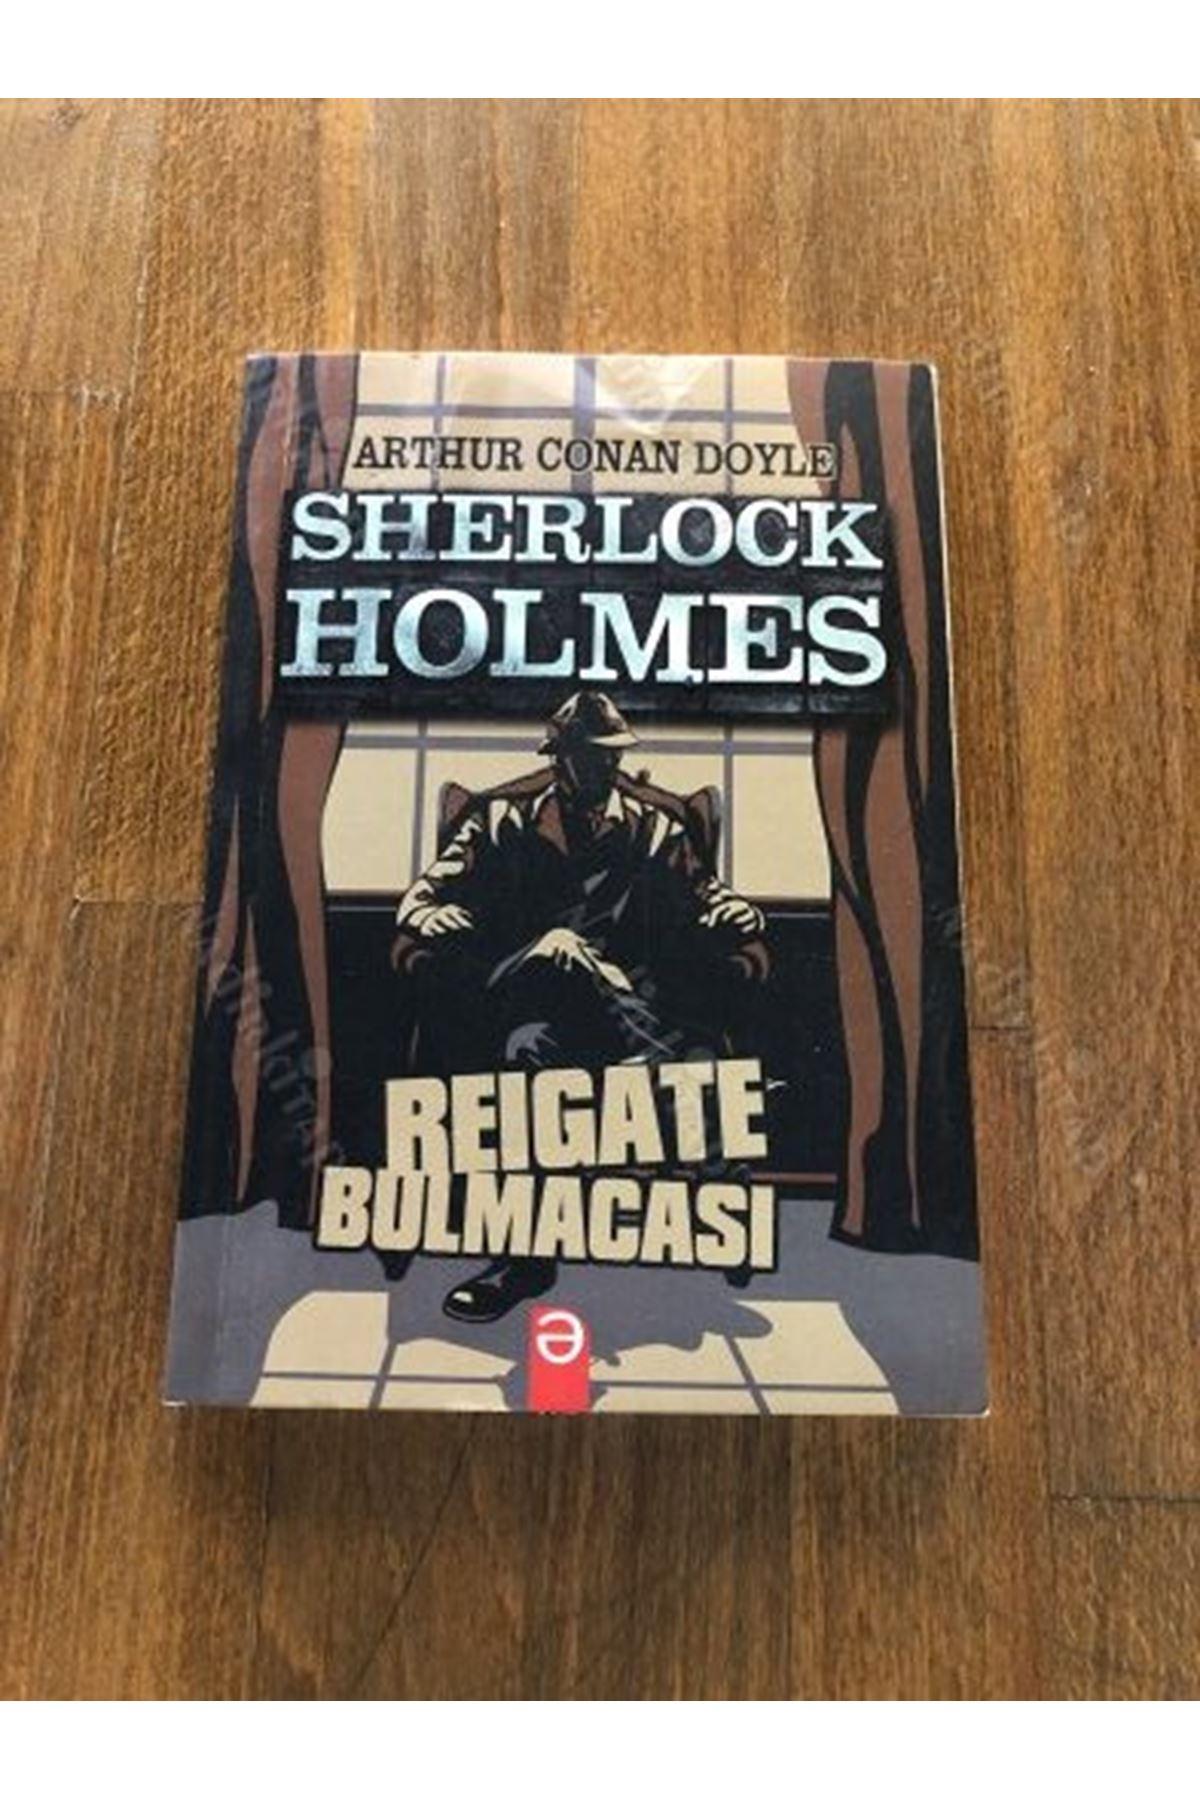 ARTHUR CONAN DOYLE - SHERLOCK HOLMES REUGATE BULMACASI